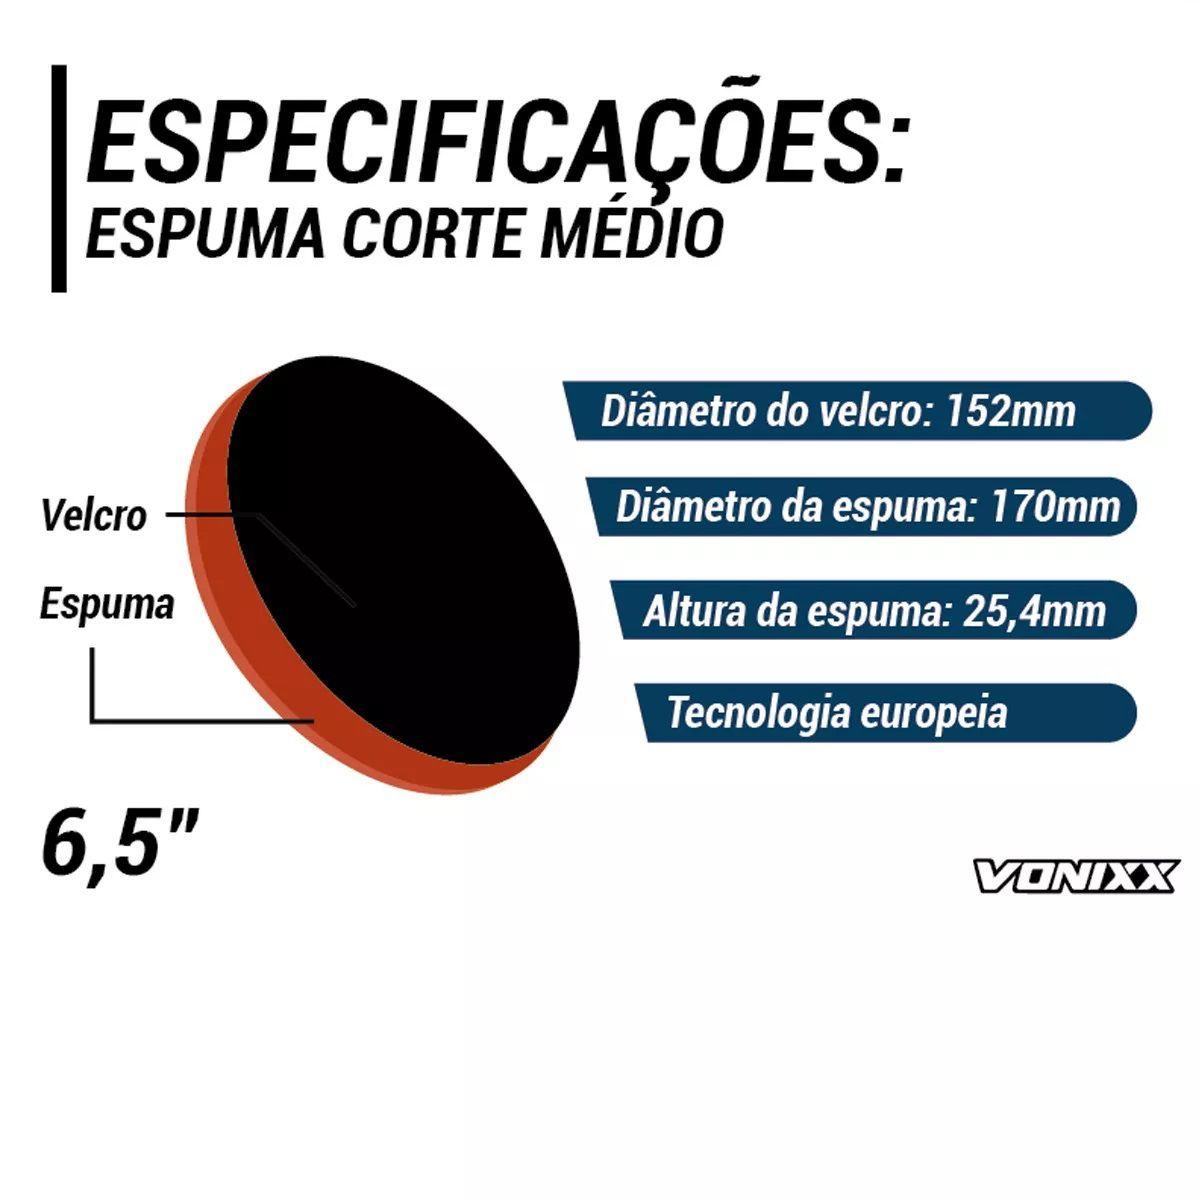 Boina Espuma Laranja Média Para Refino 6,5 Voxer Vonixx